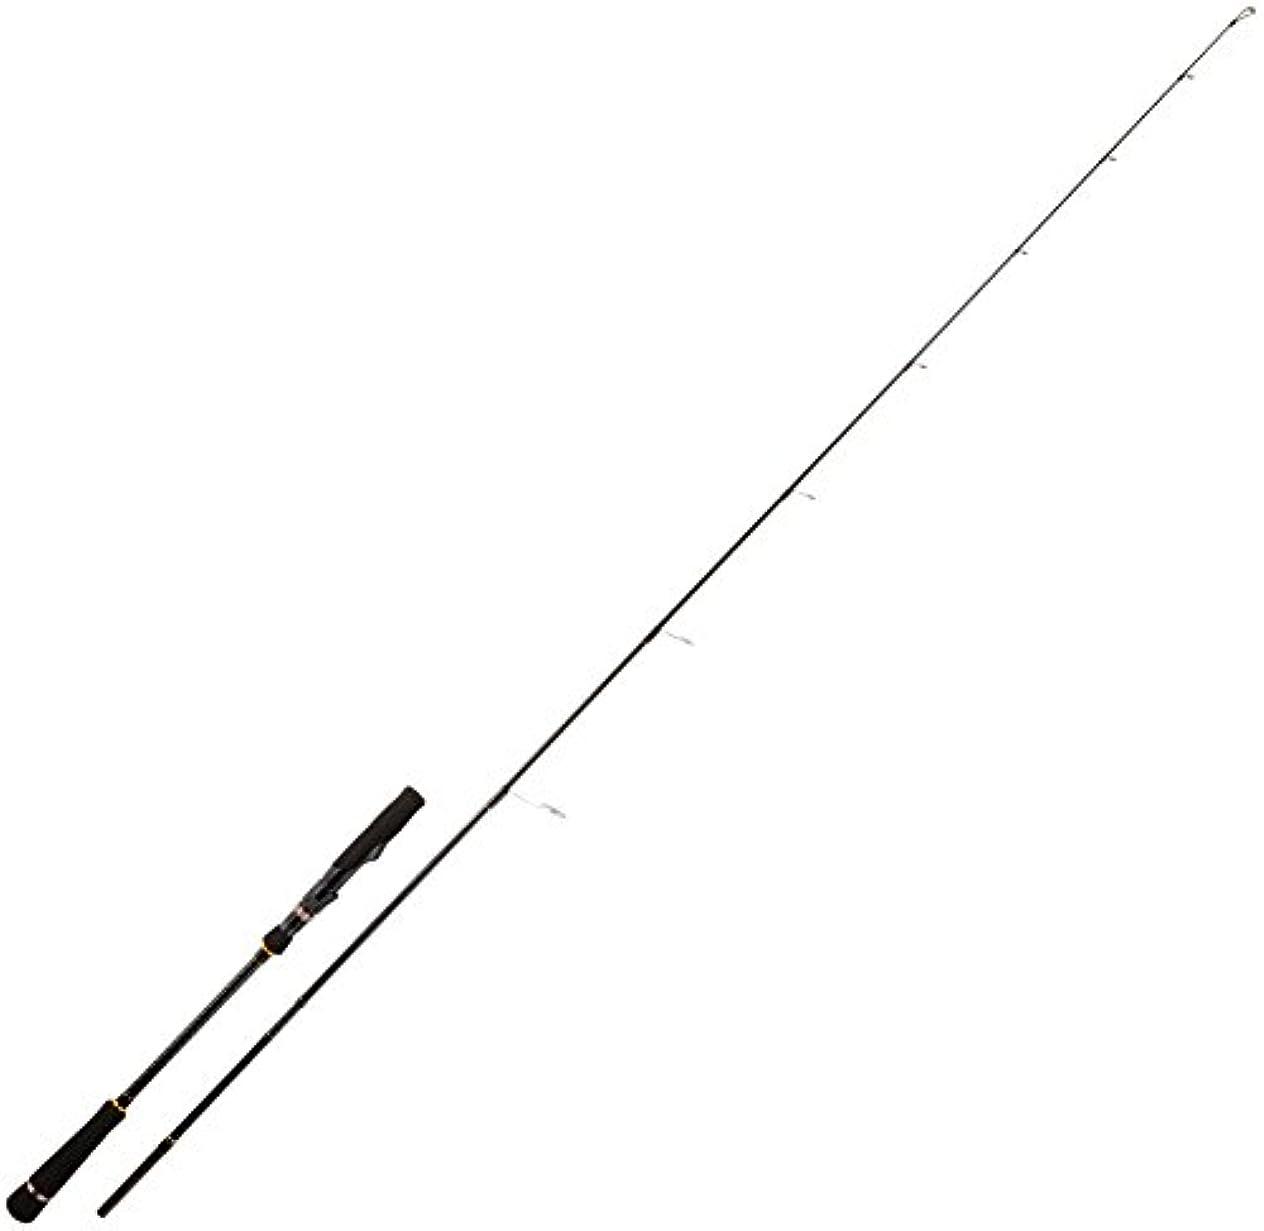 遊具隣接する事実メジャークラフト ライトジギングロッド スピニング 3代目 クロステージ スーパーライトジギング CRXJ-S64ML/LJ 6.4フィート 釣り竿